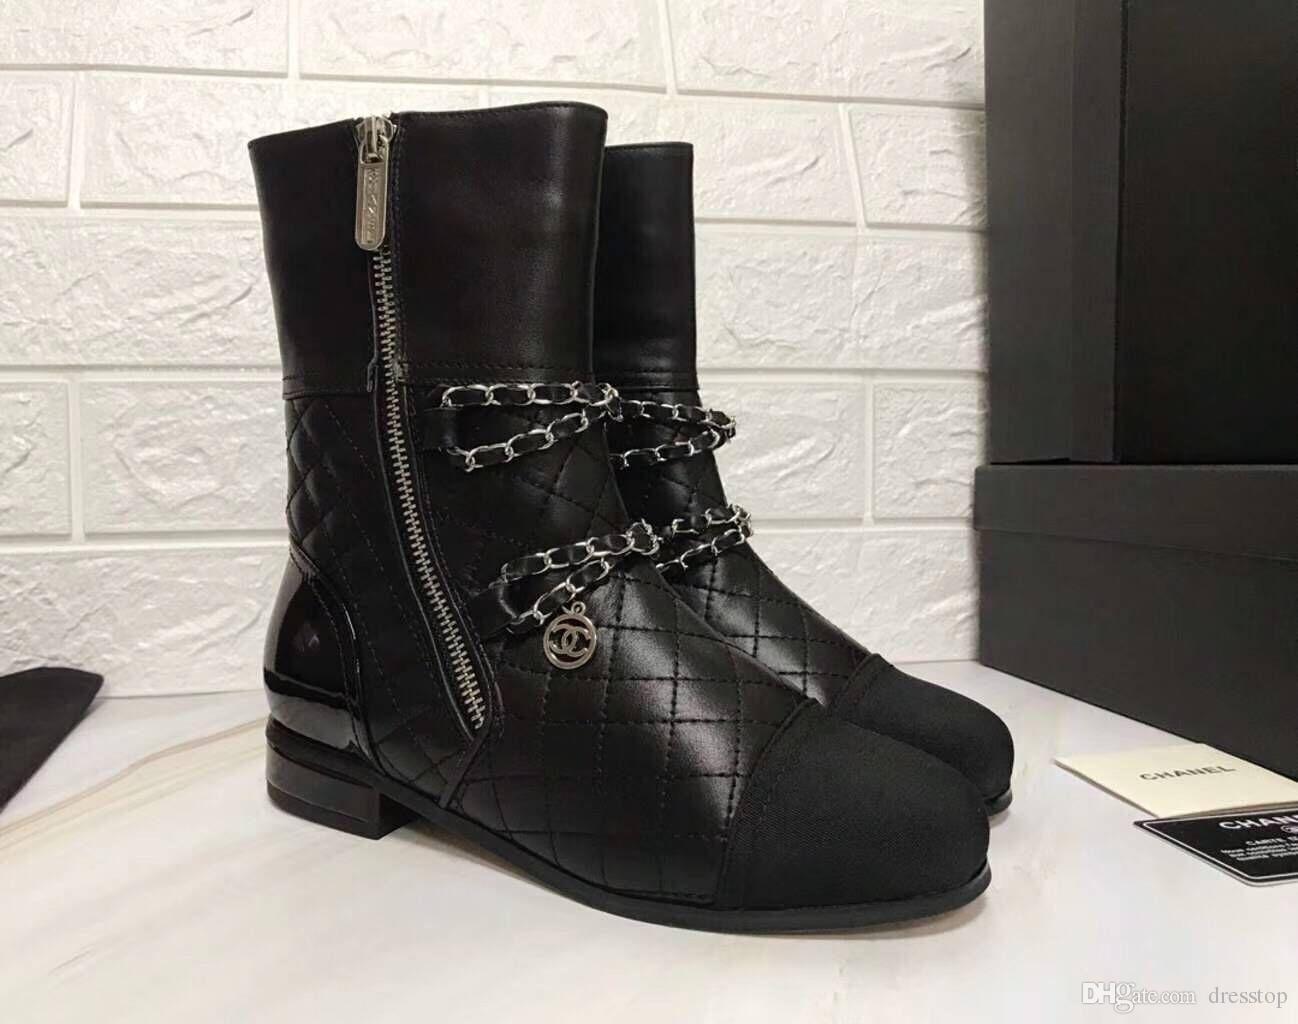 separation shoes a573d 104cd C C Marke Retro Ultra Stiefeletten Leder Damen Designer Schuhe Beste  Qualität Stiefel Für Damen Herbst Winter Stiefel Plus Größe Echt Bild